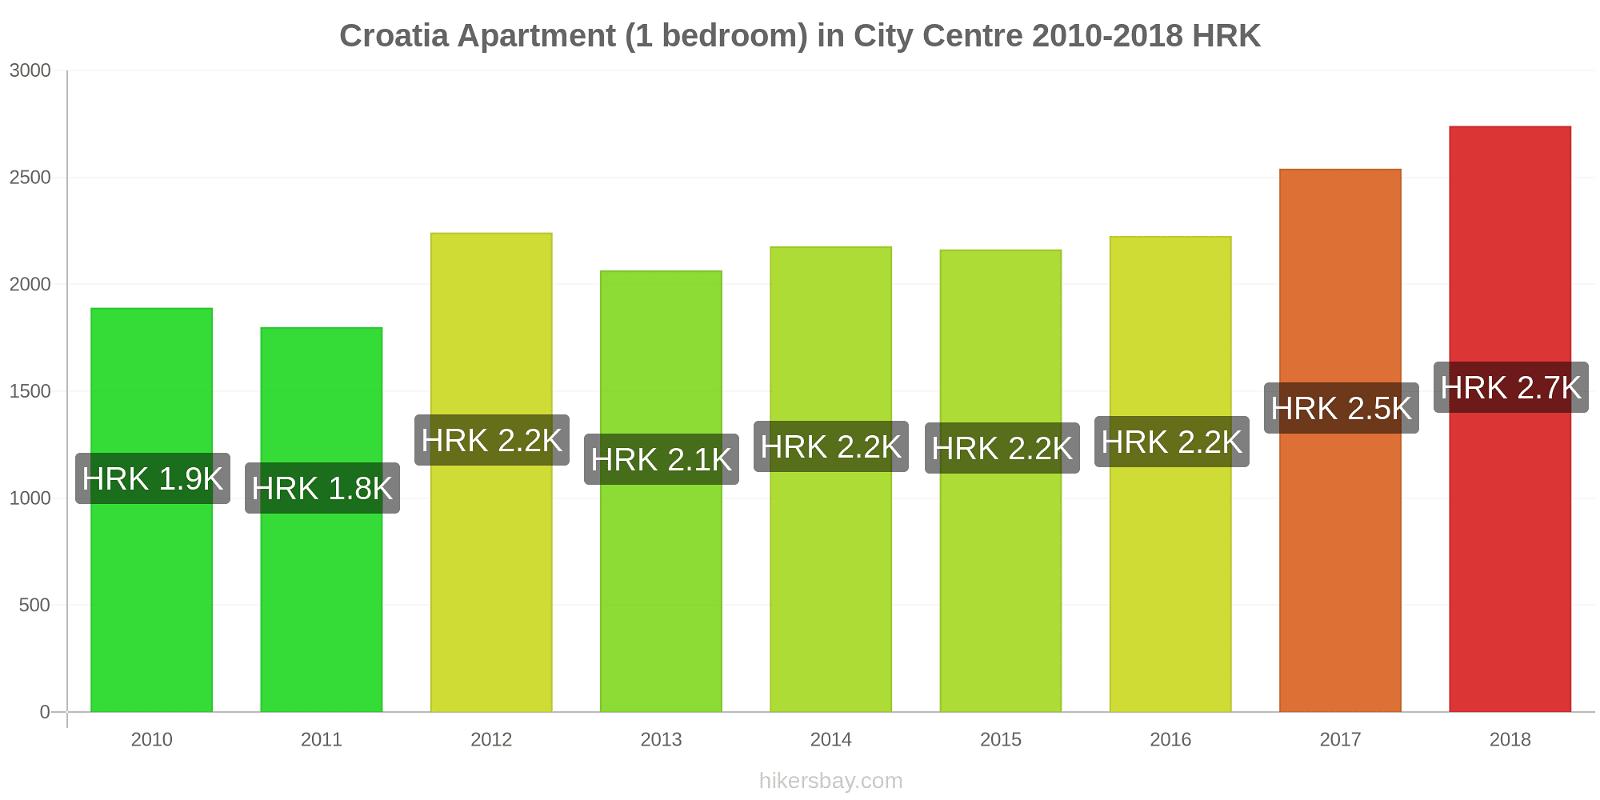 Croatia price changes Apartment (1 bedroom) in City Centre hikersbay.com